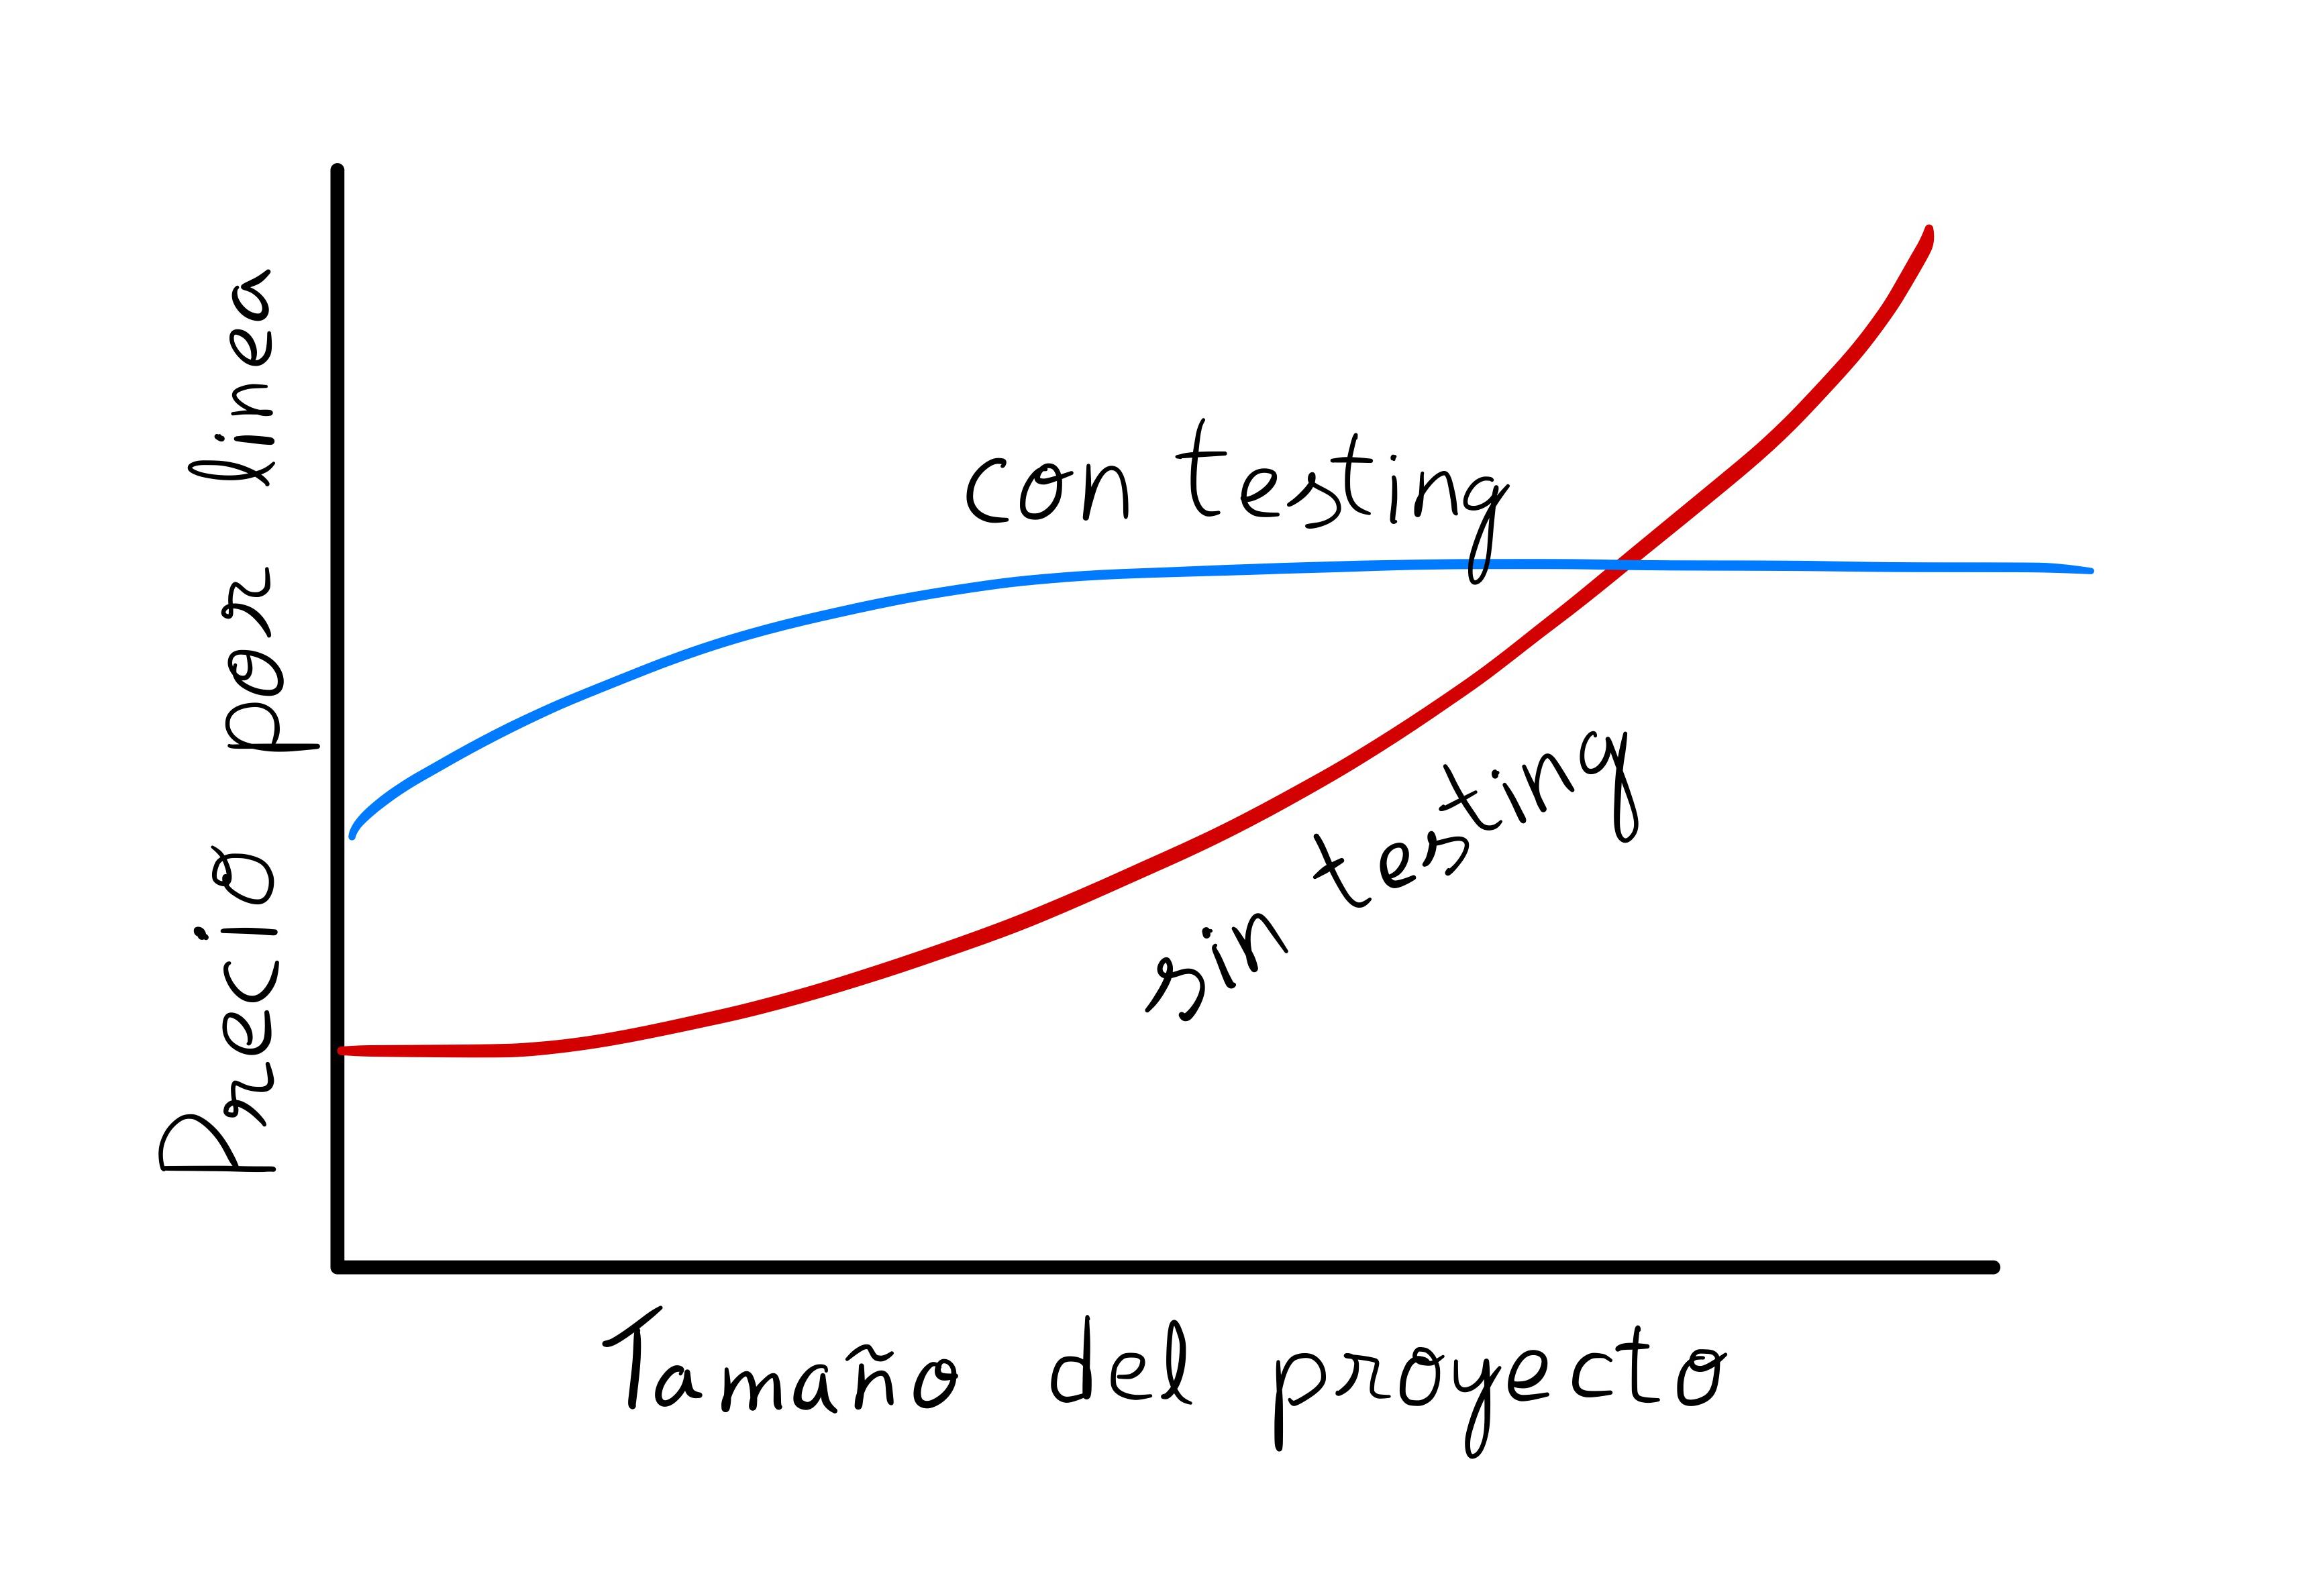 Gráfica de TDD contra proyecto sin testing